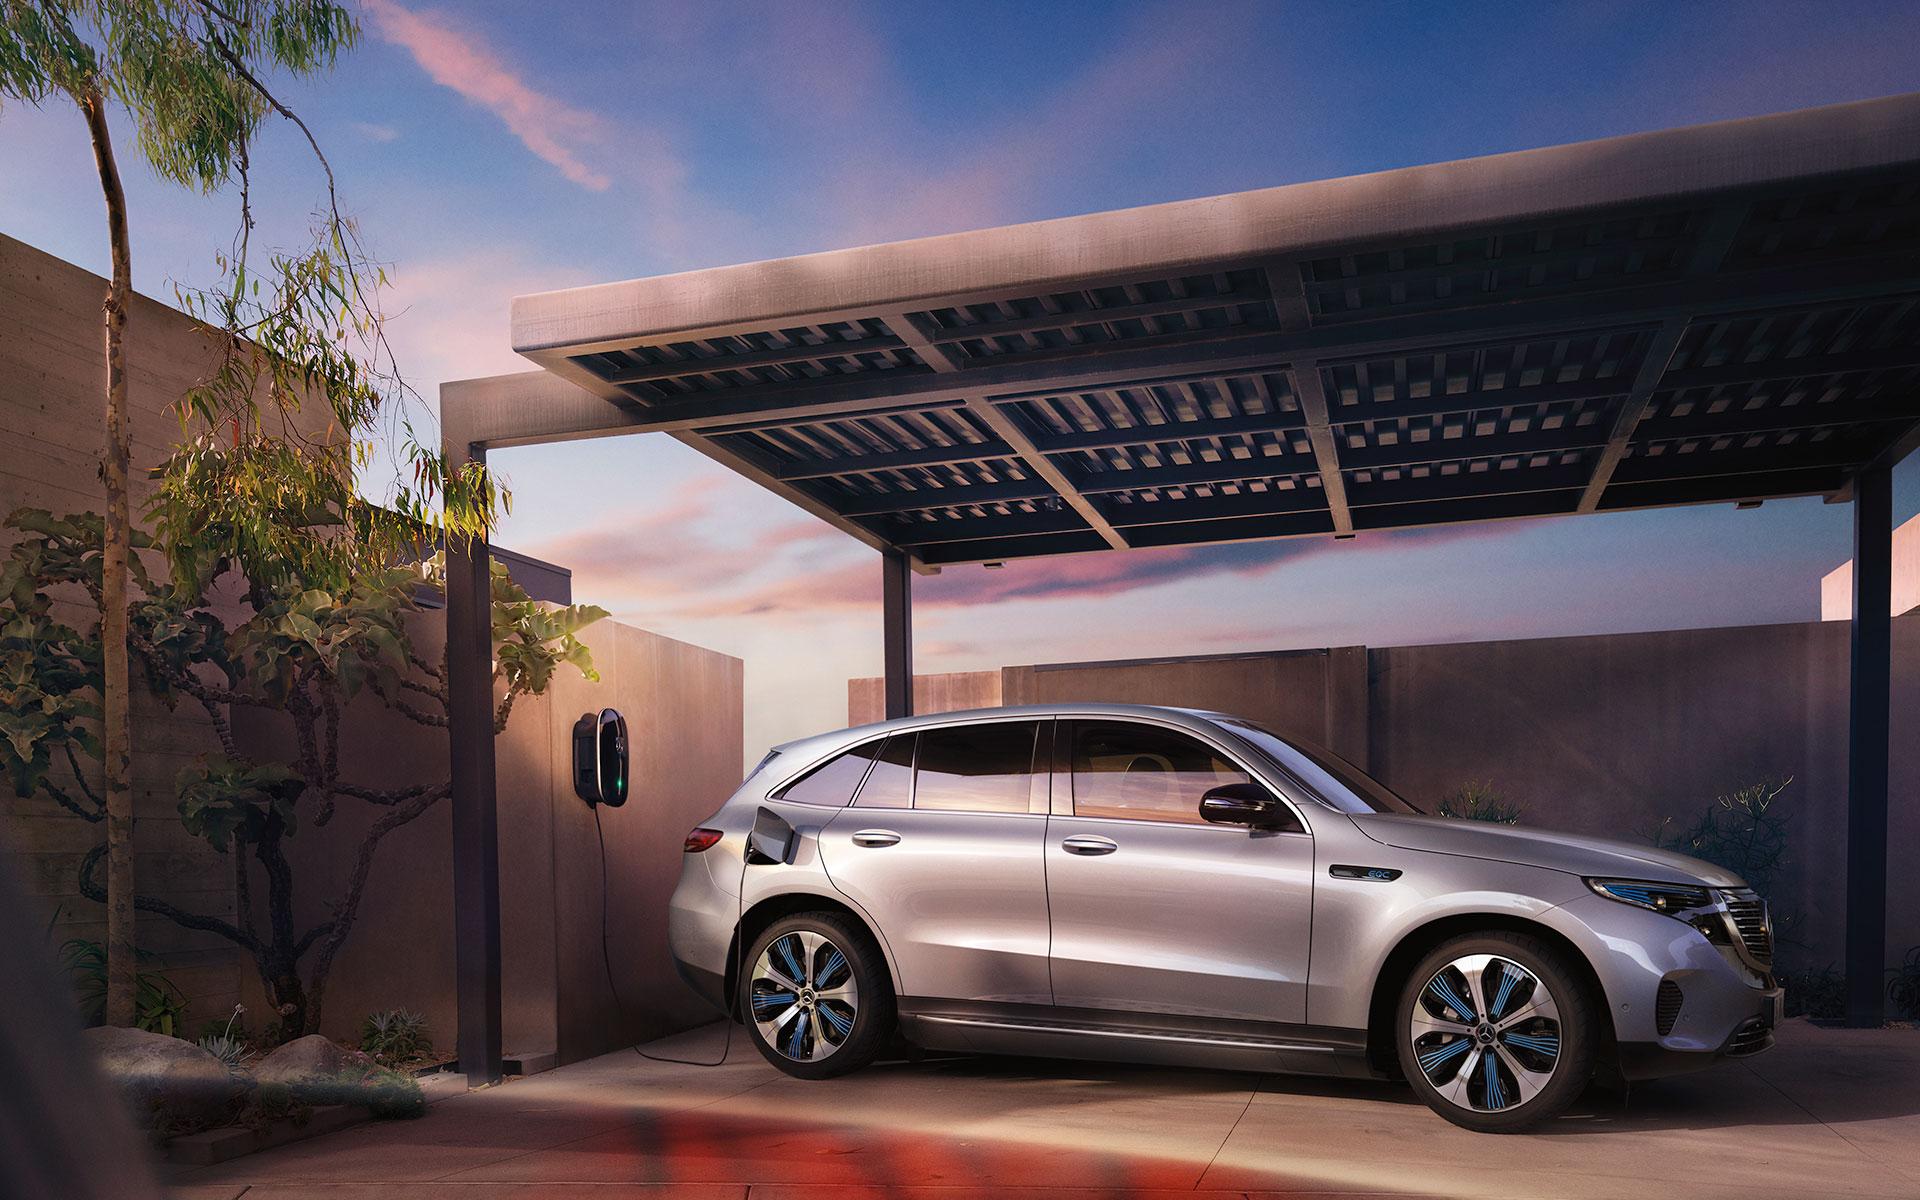 Nouveau Mercedes SUV EQC électrique - Groupe Chevalley